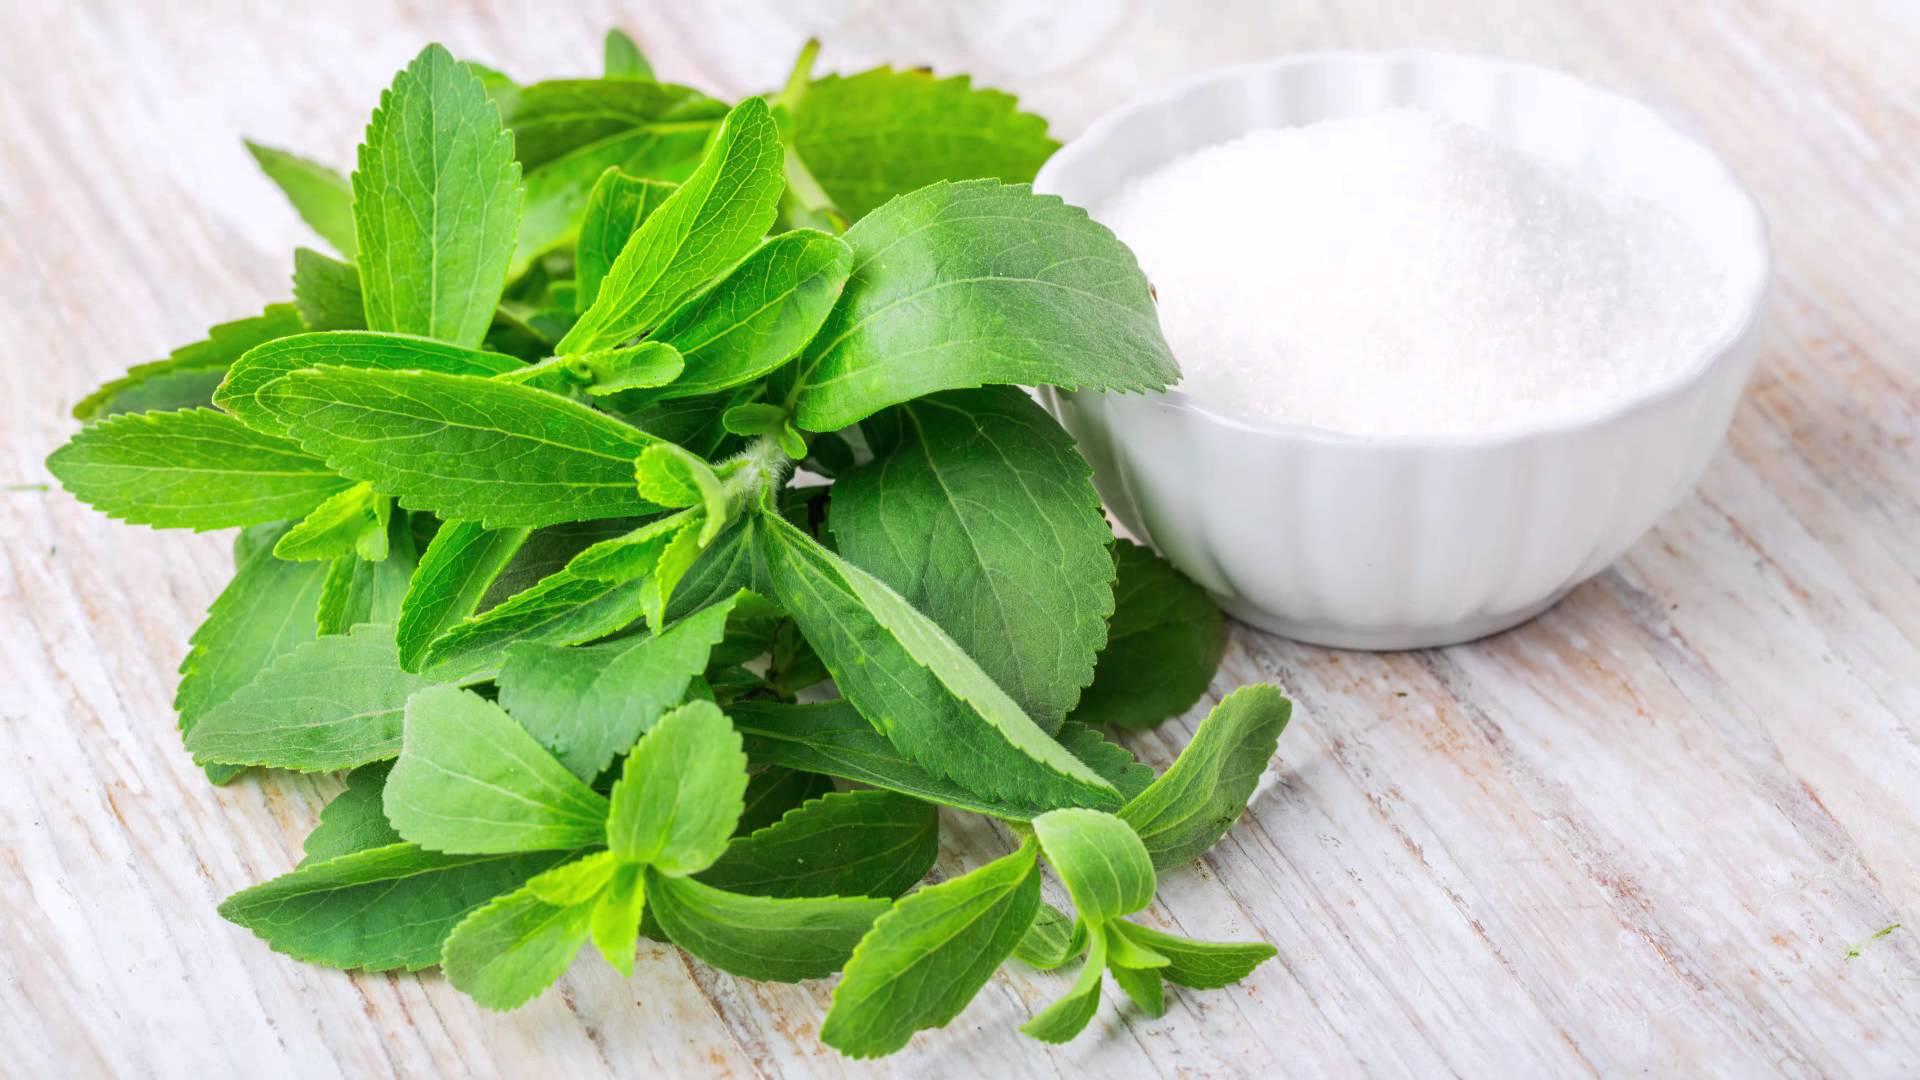 ¿Cómo saber si tengo intolerancia a la stevia?